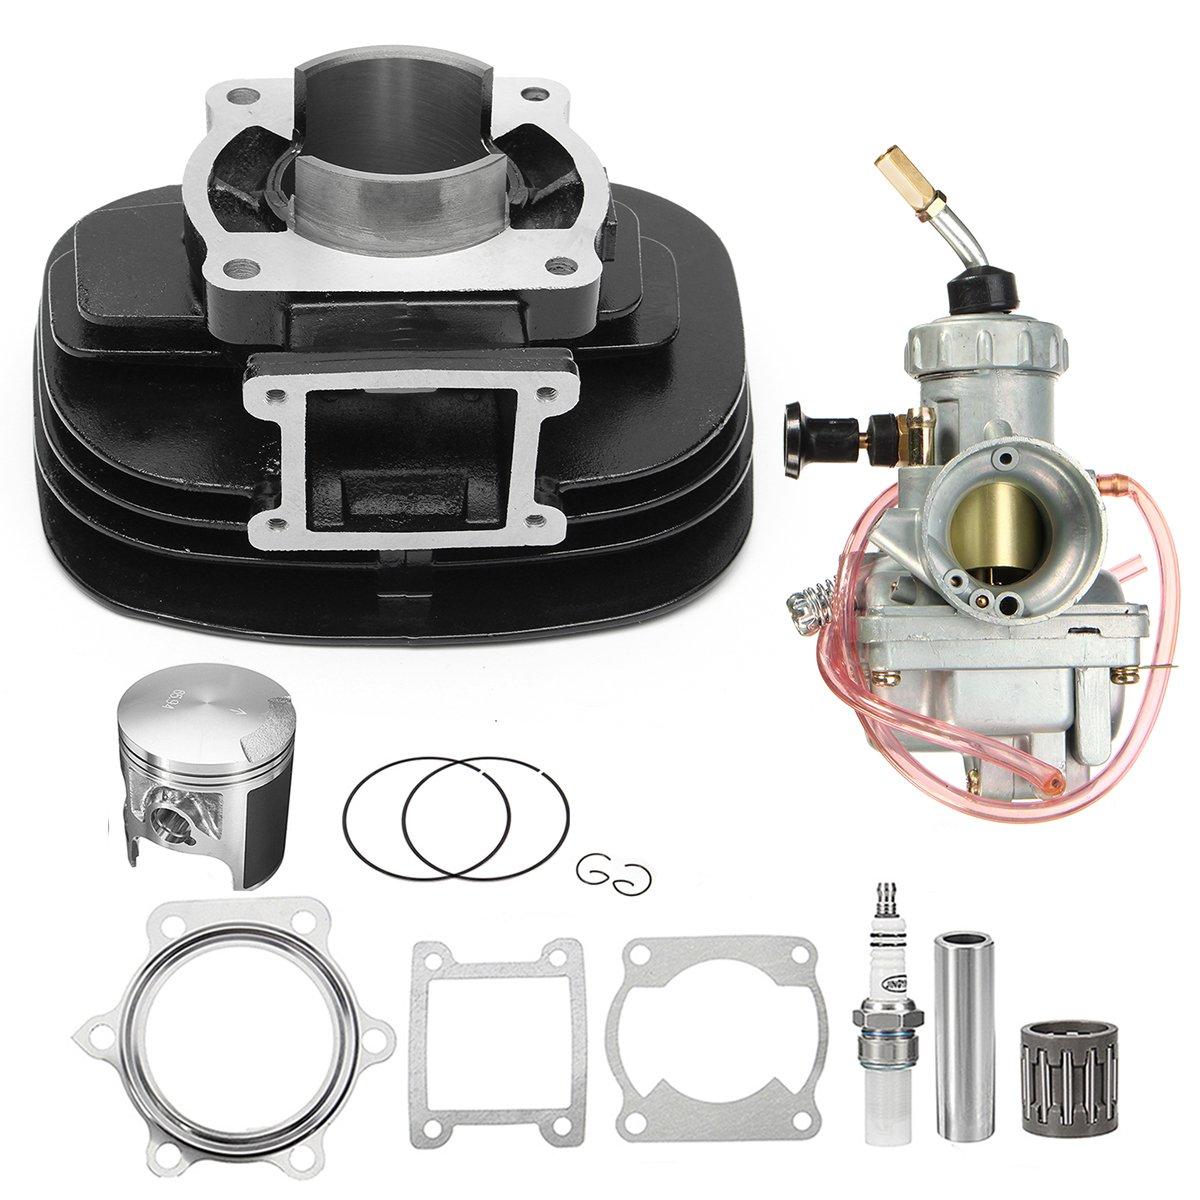 Kungfu Mall Cylinder carburador Carb Pist/ón Junta Top End Kit para Yamaha YFS200 Blaster 200